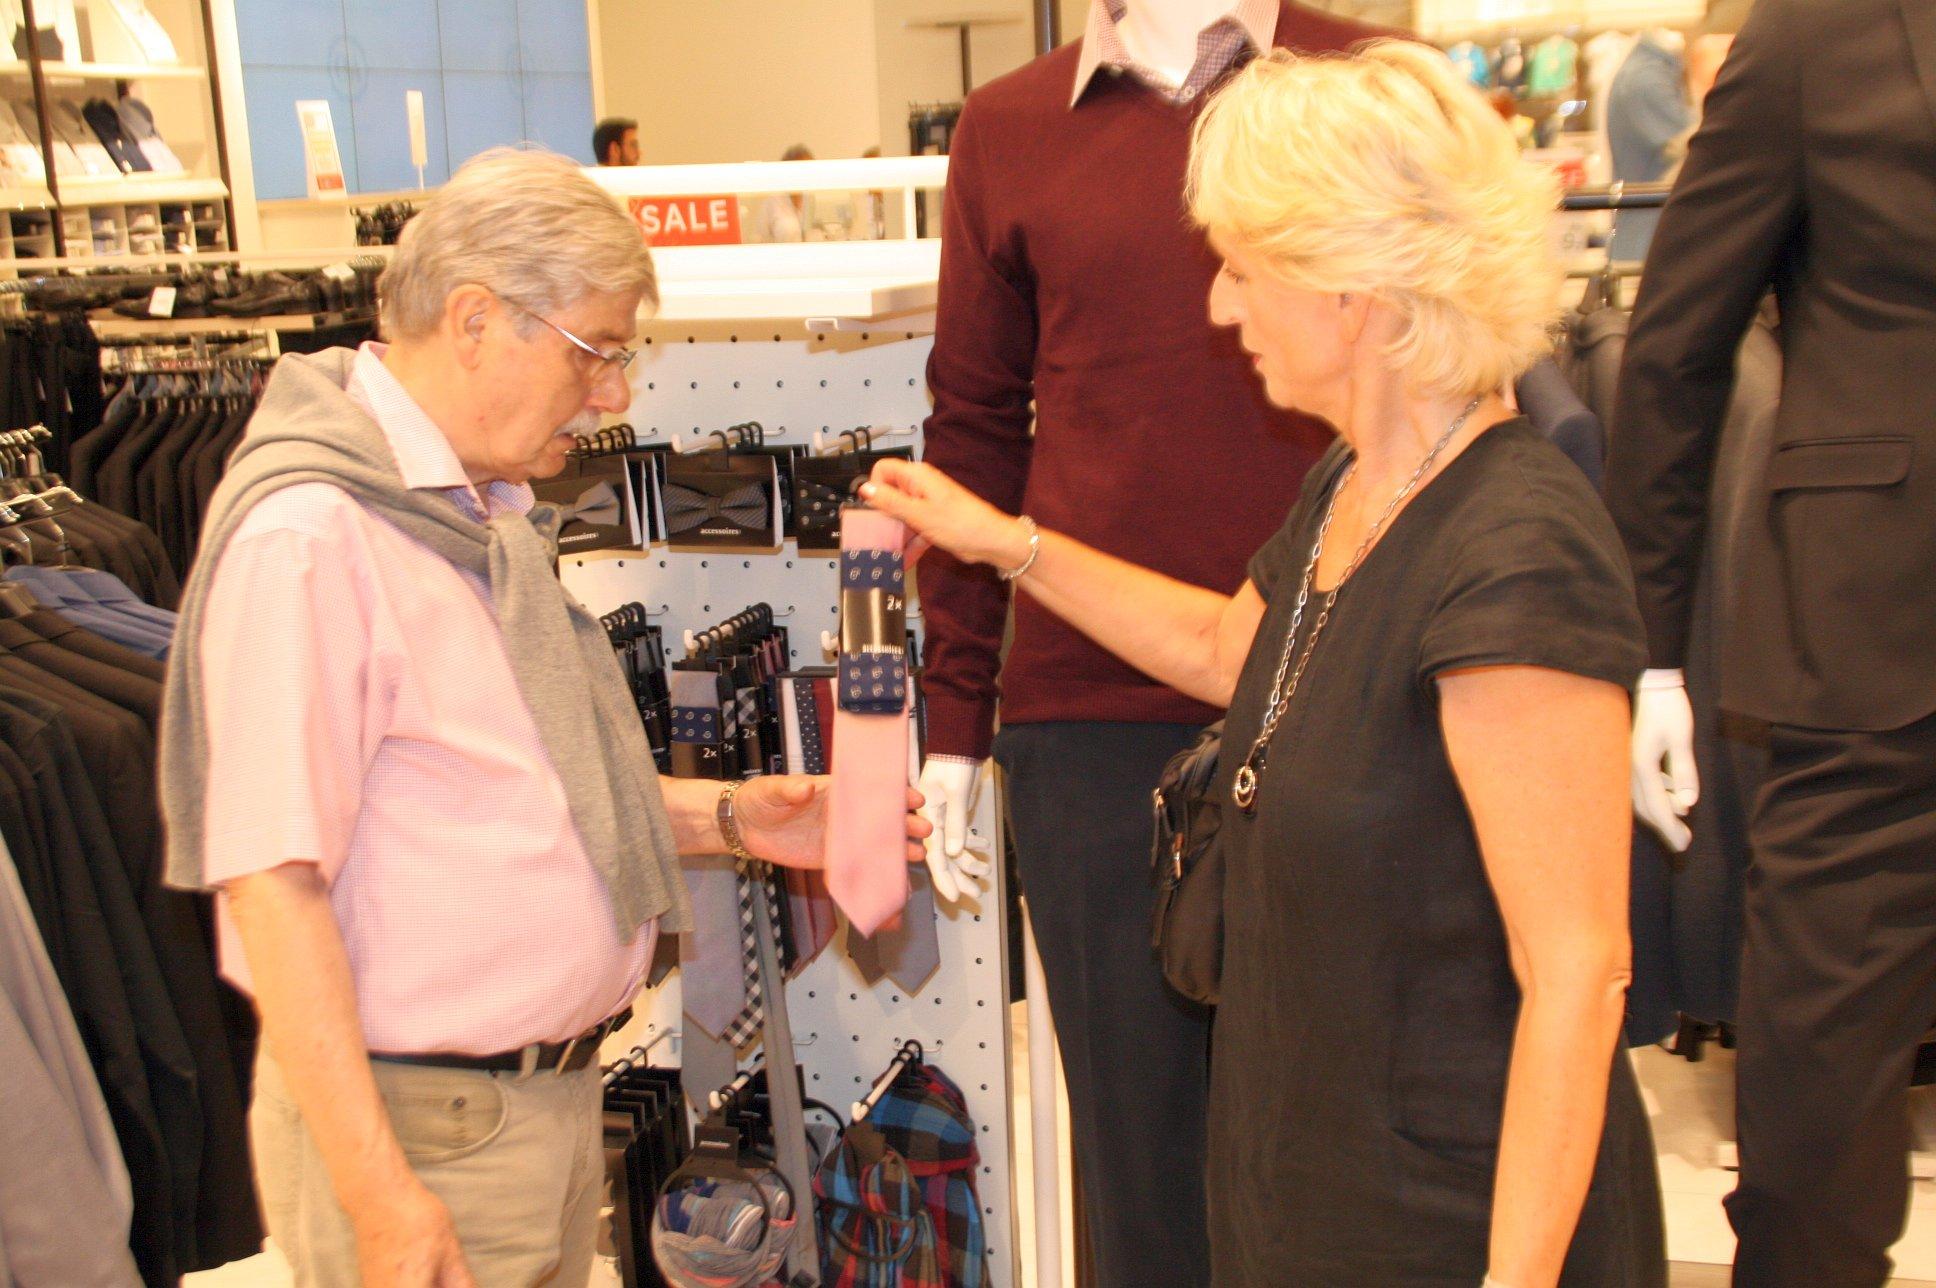 seniorenbetreuung-muenchen-lebensfreude-66-plus-modeberatung